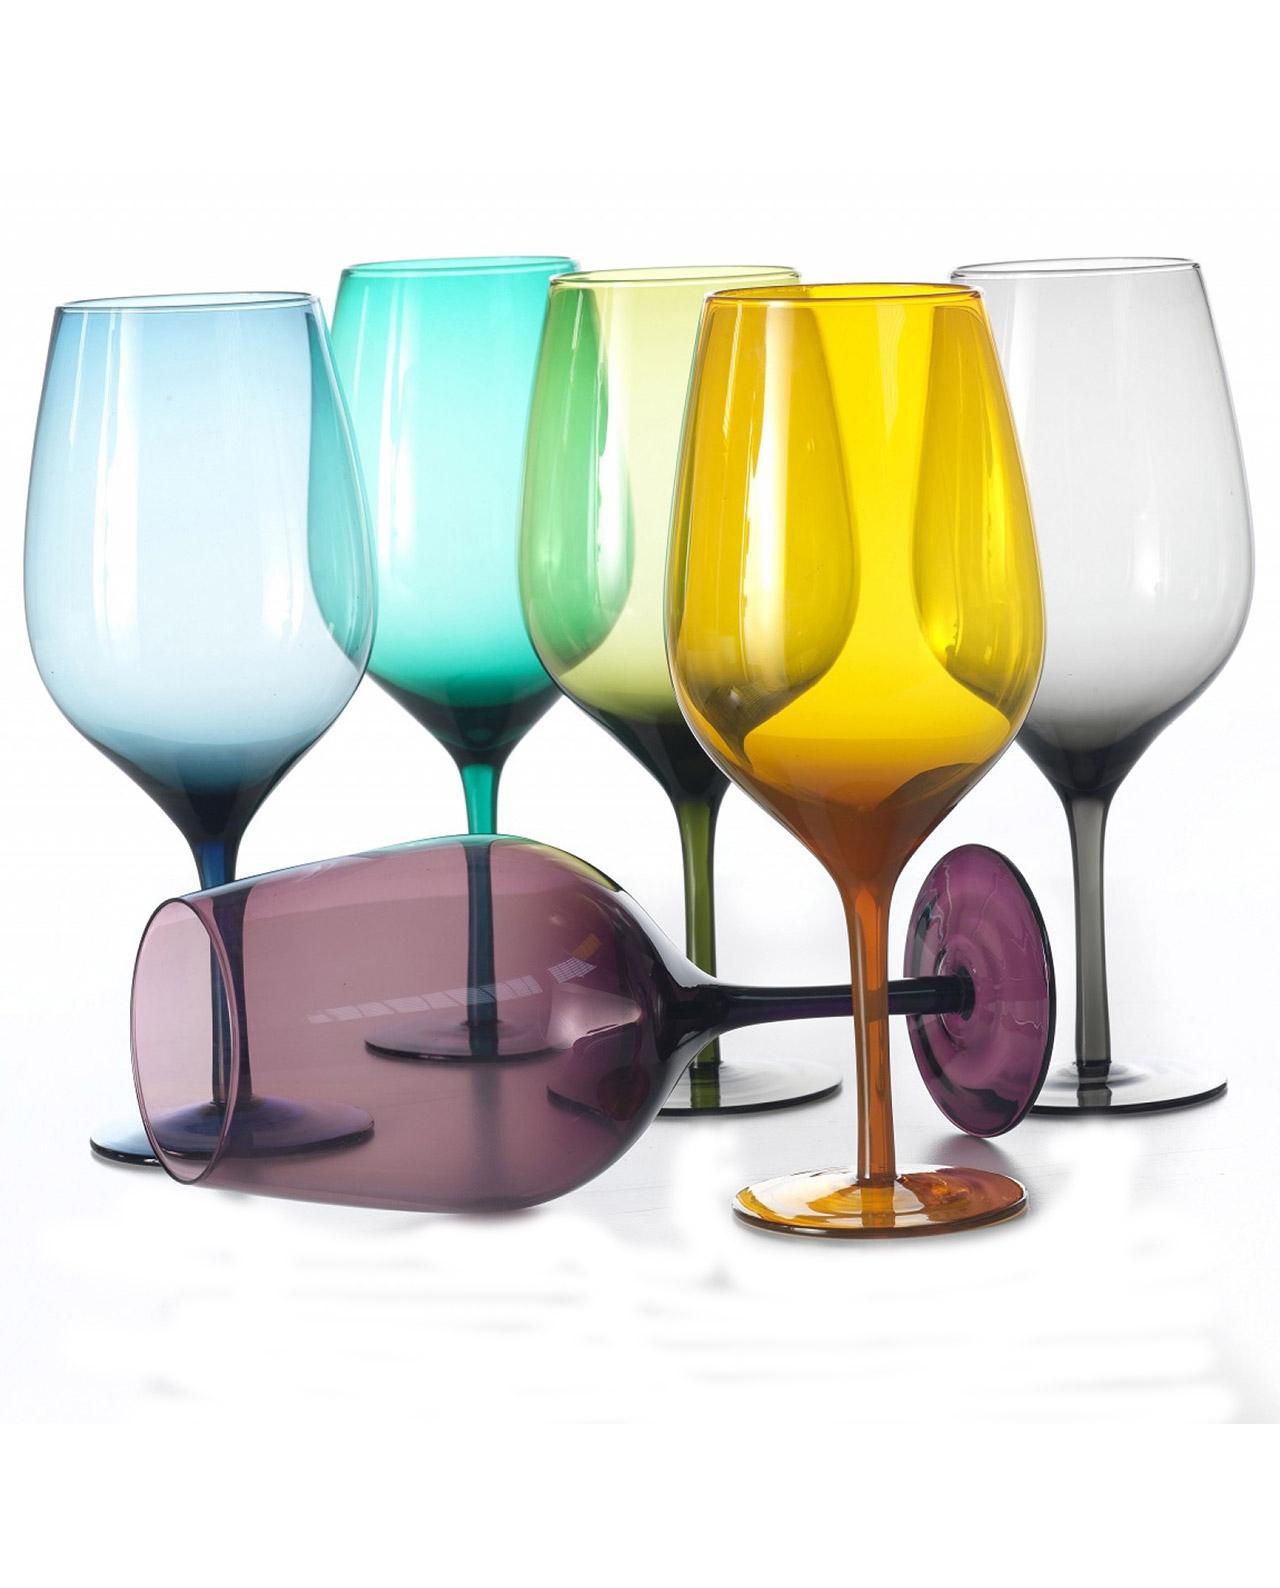 Набор бокалов для вина Villa d'Este 6 шт.   - фото